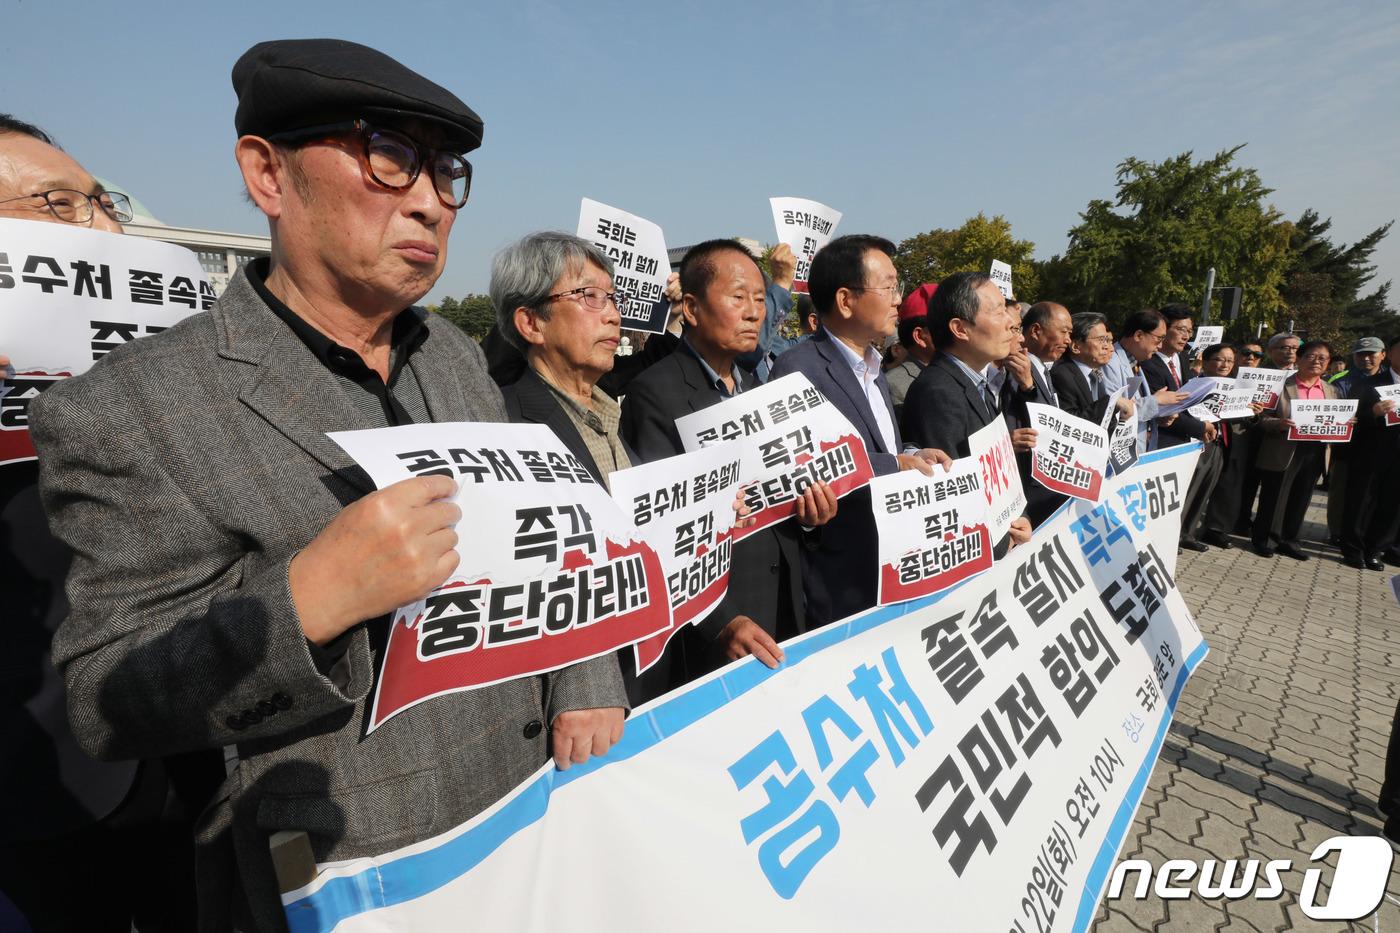 정교모, 국회 앞에서 시국선언 명단 발표